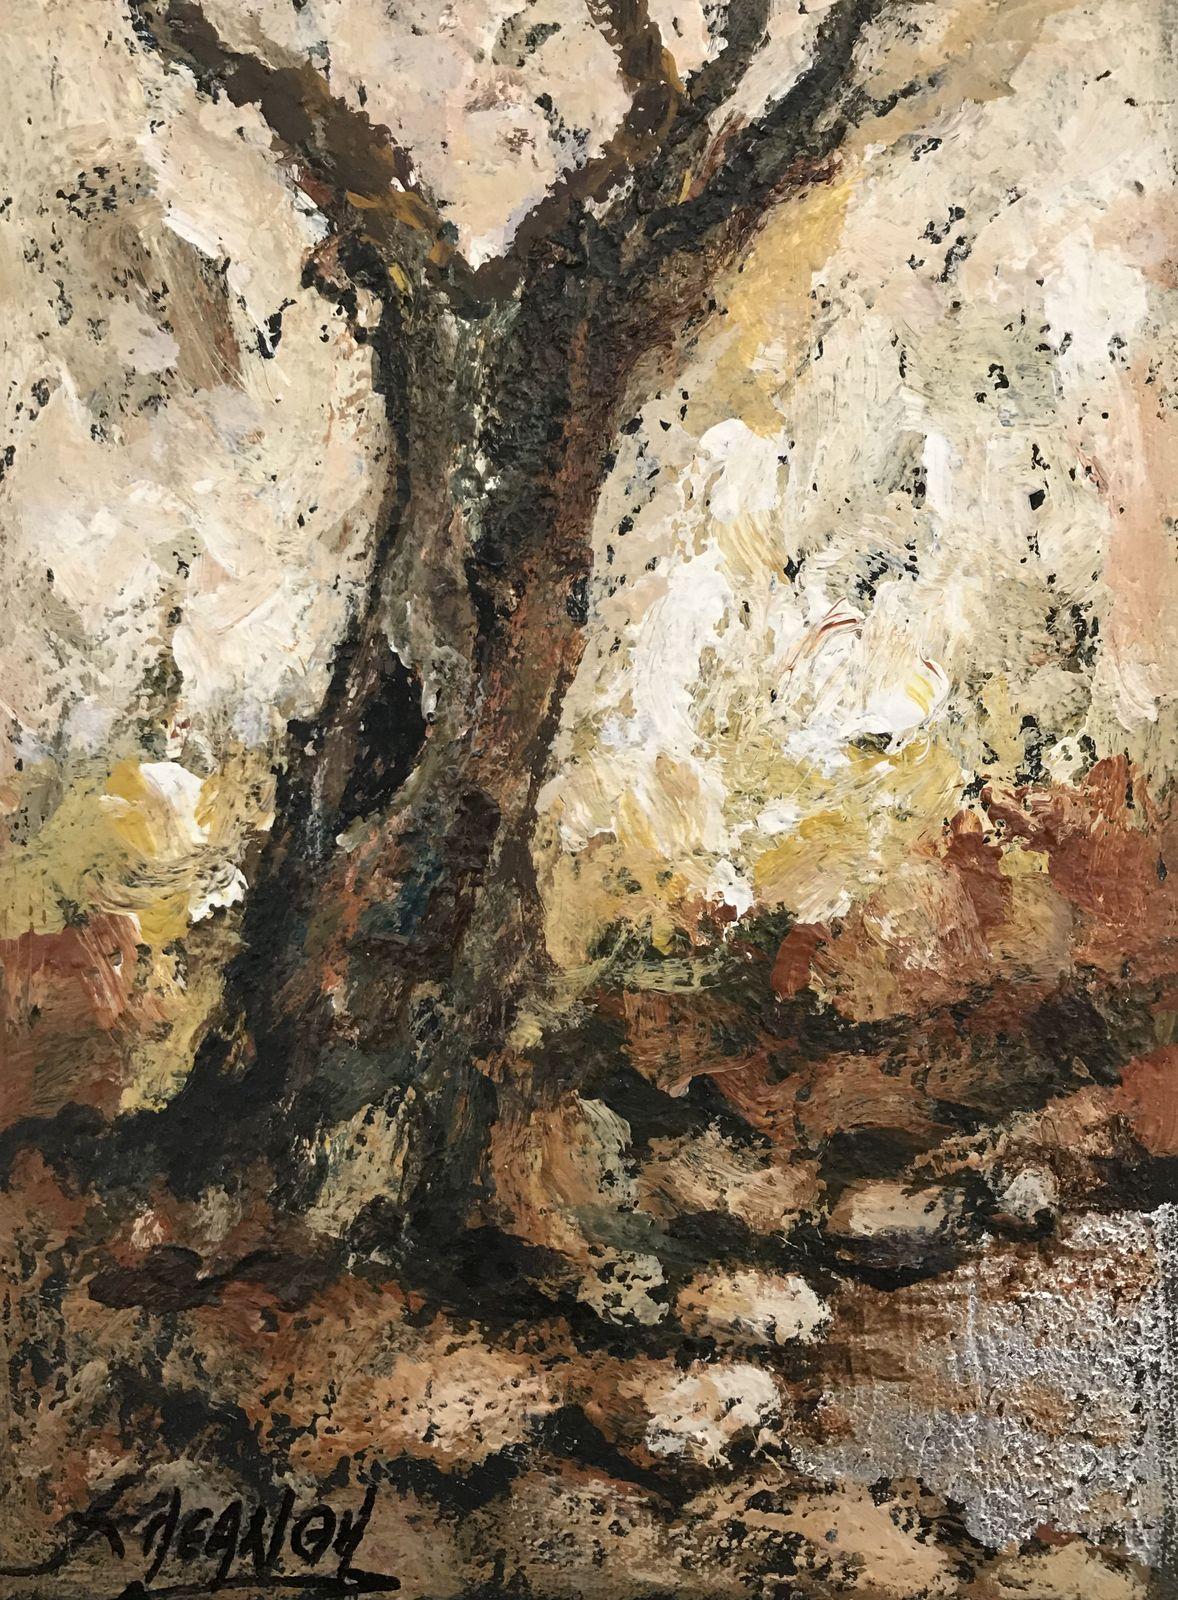 Κλεάνθη 18×24 εκ. Ακρυλικά σε καμβά Kleanthi 18×24 cm Acrylics on canvas